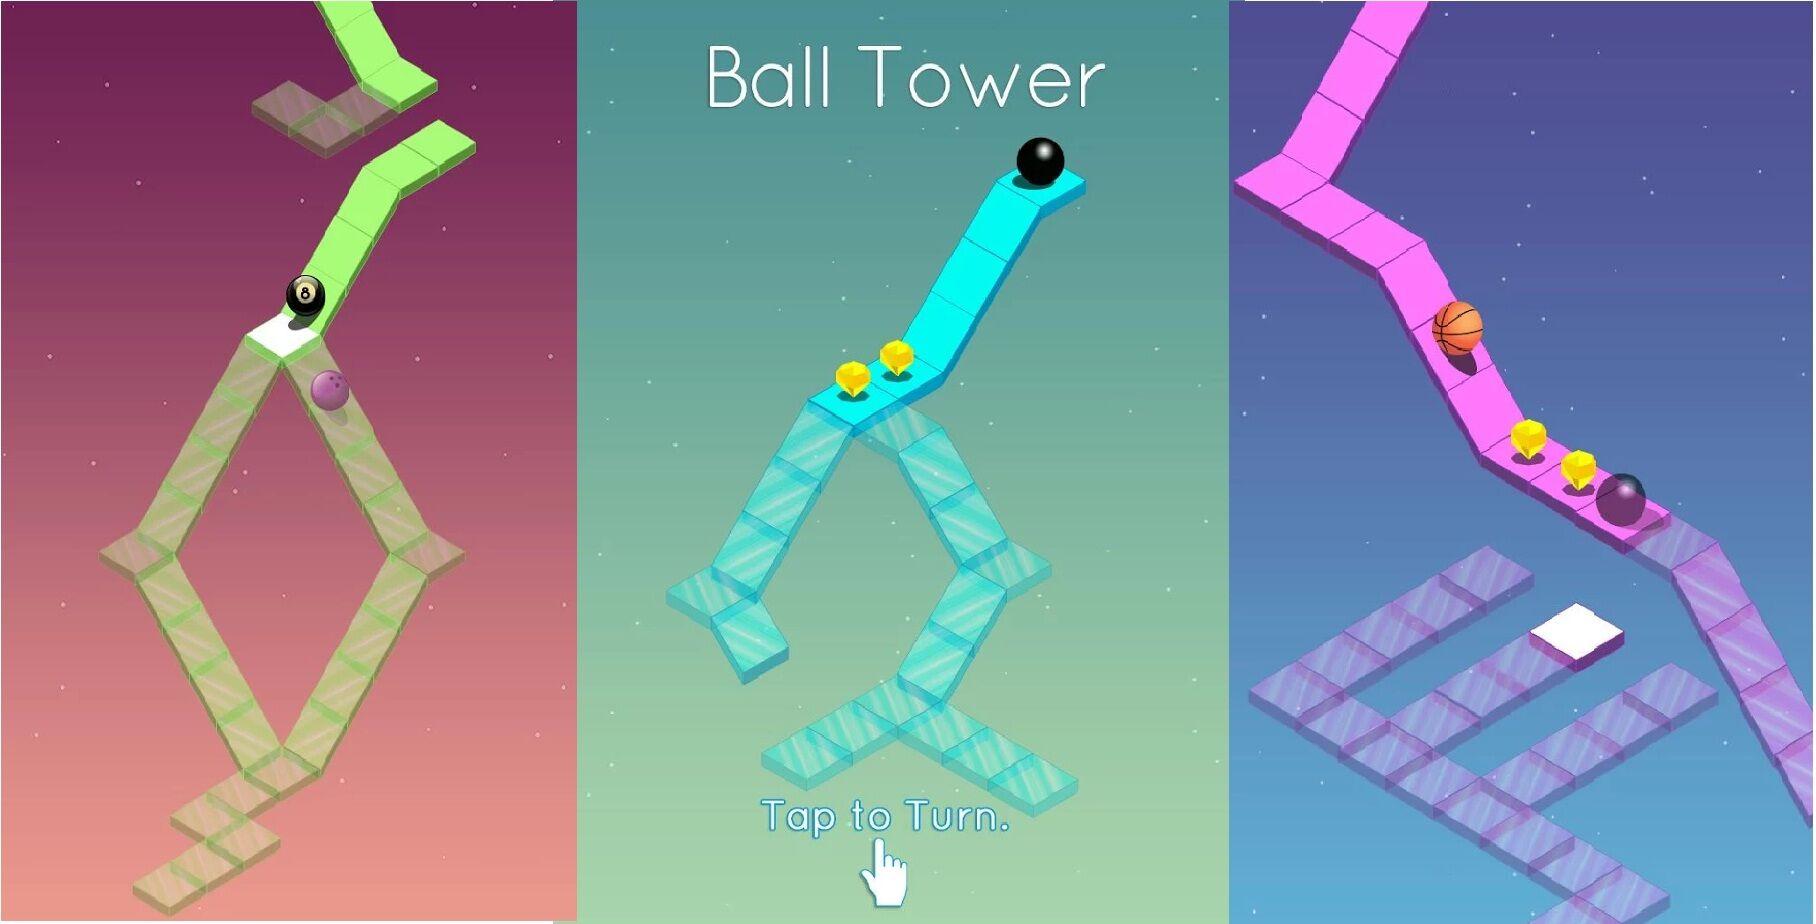 BallTower